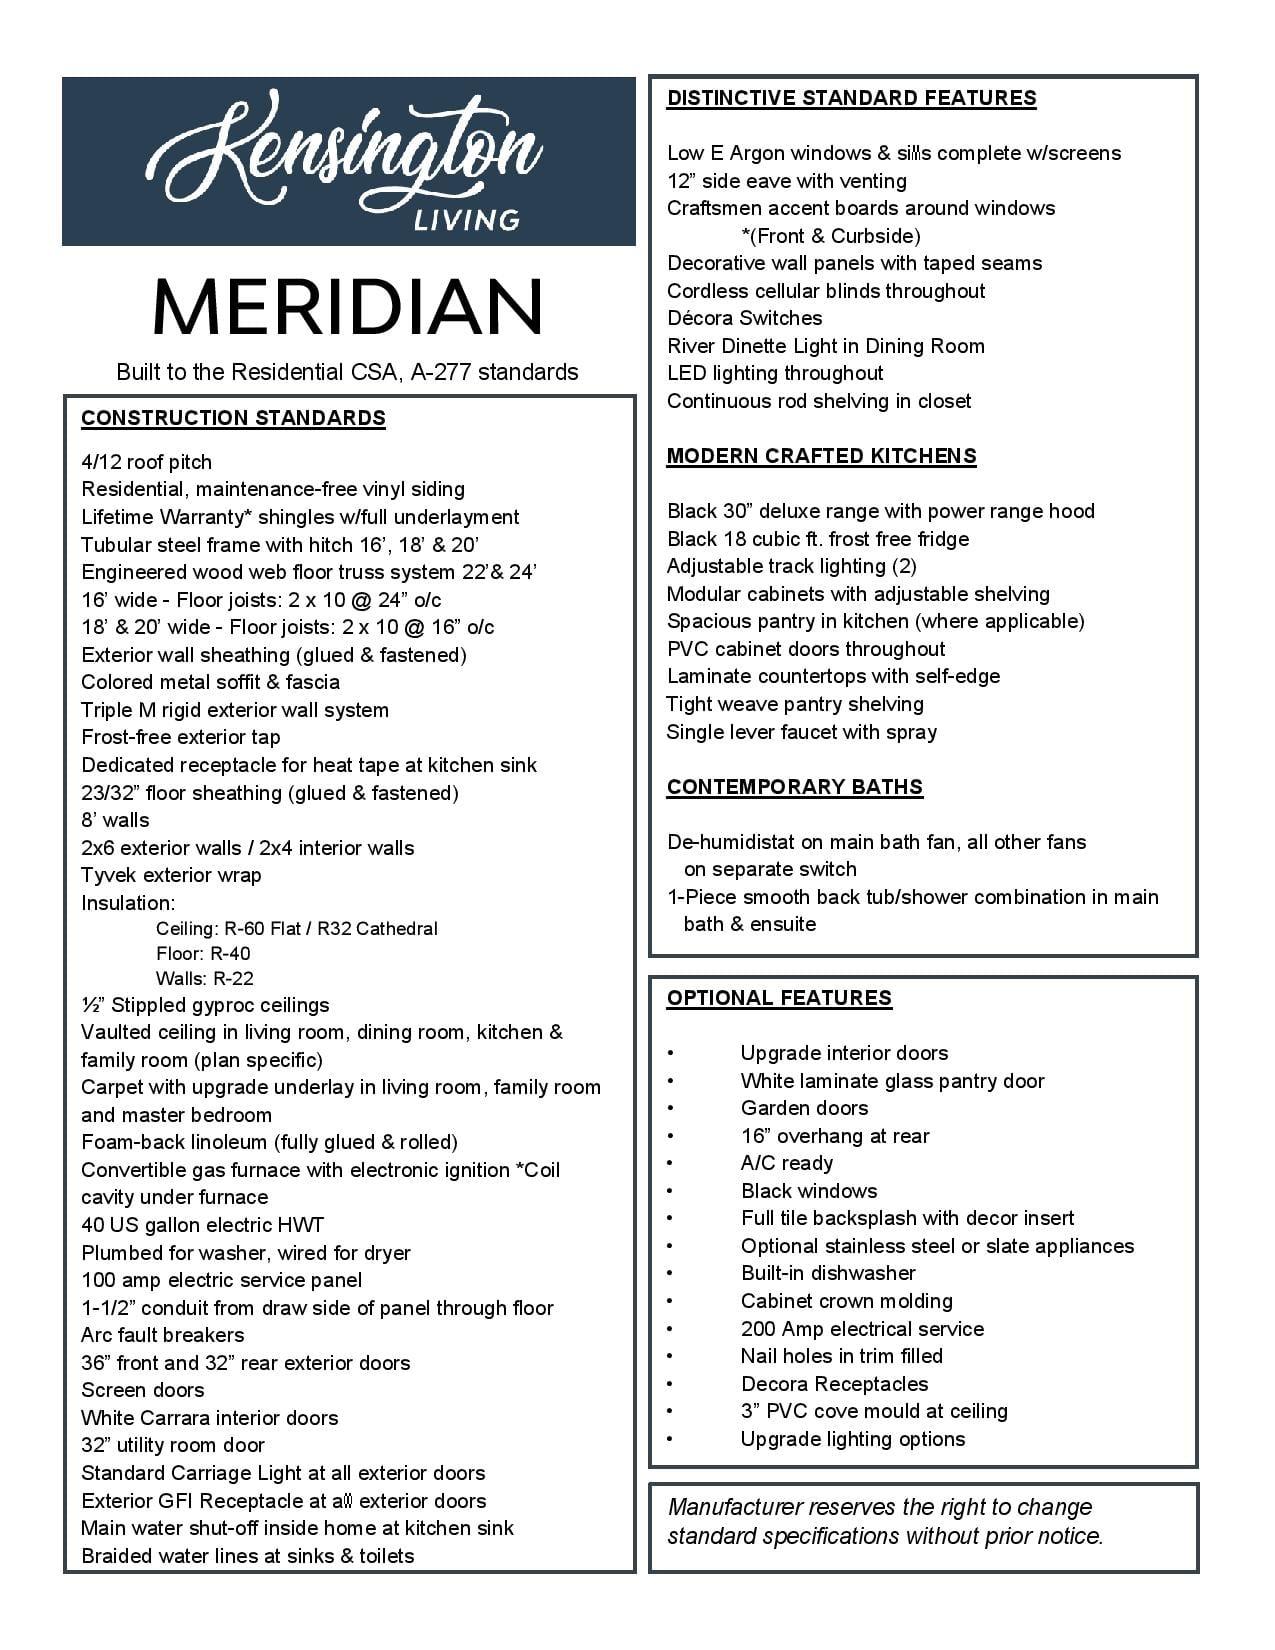 Meridian Specs